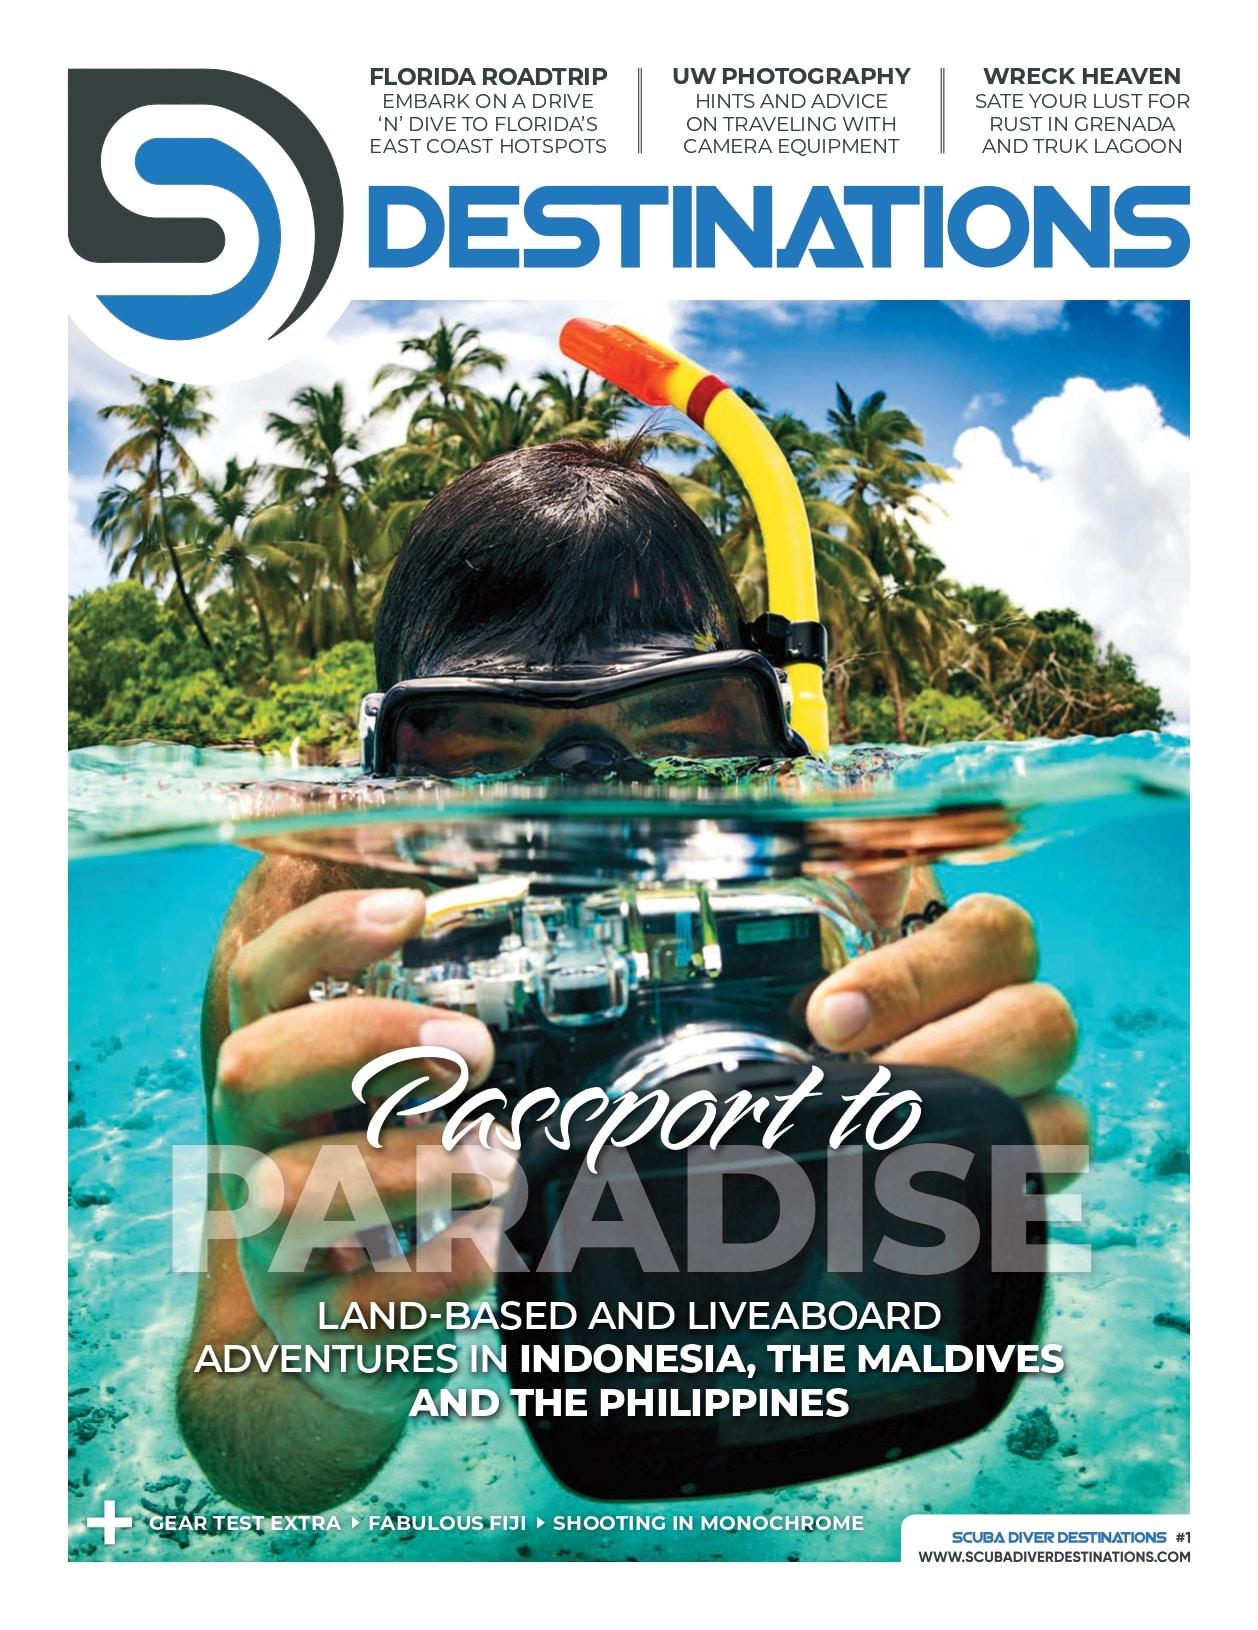 'Scuba Diver Destinations' Touches Down In North America